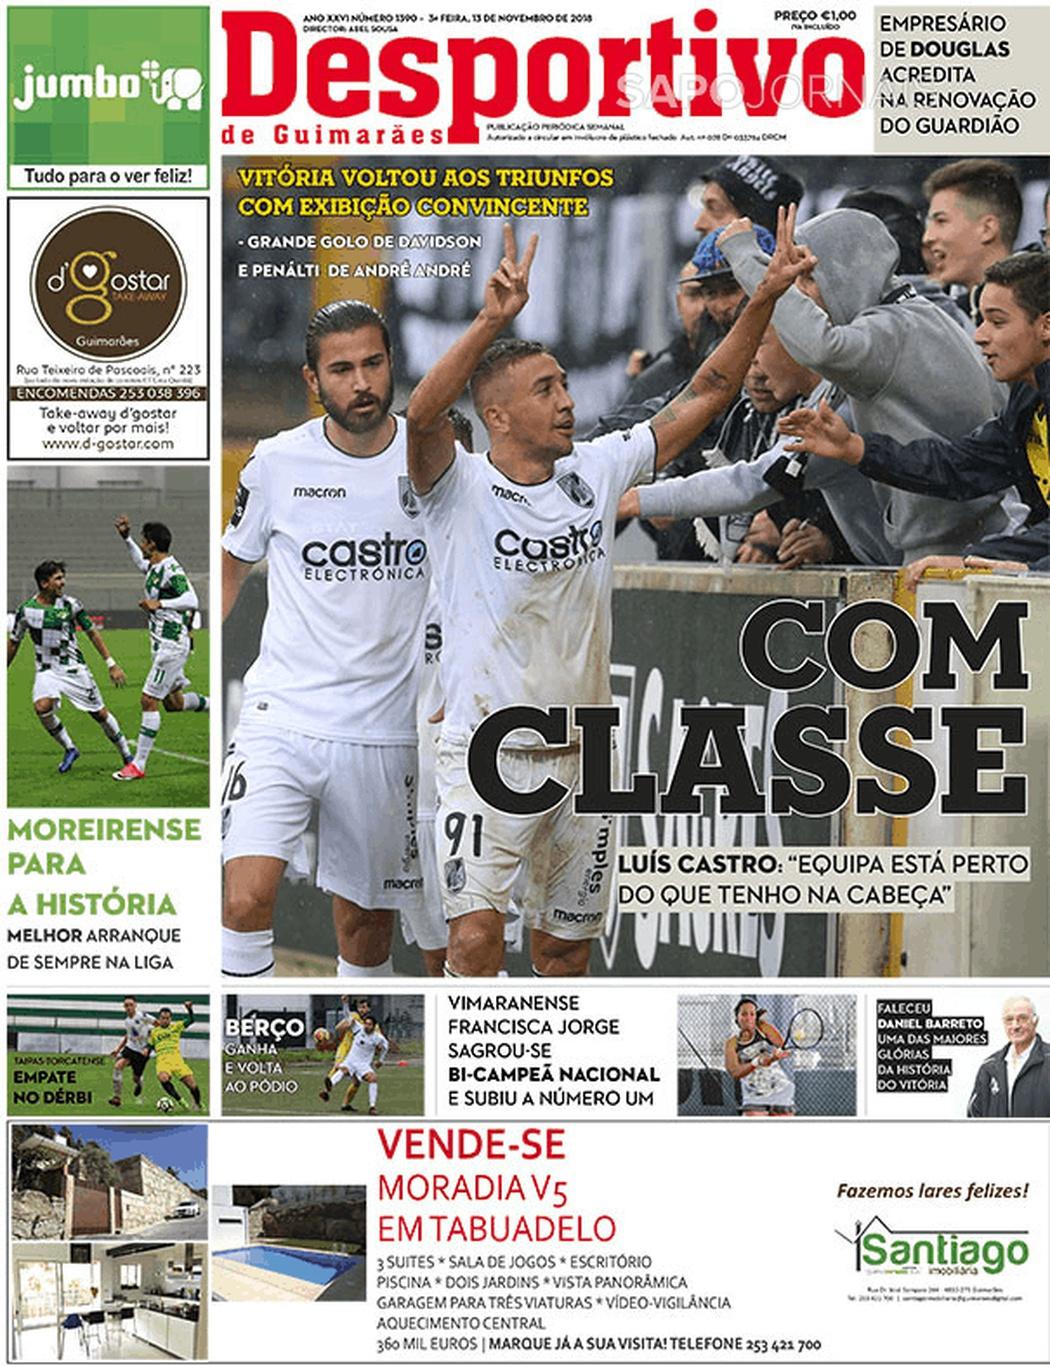 Banca De Jornais Desportivo De Guimarães 13 11 2018 Futebol 365